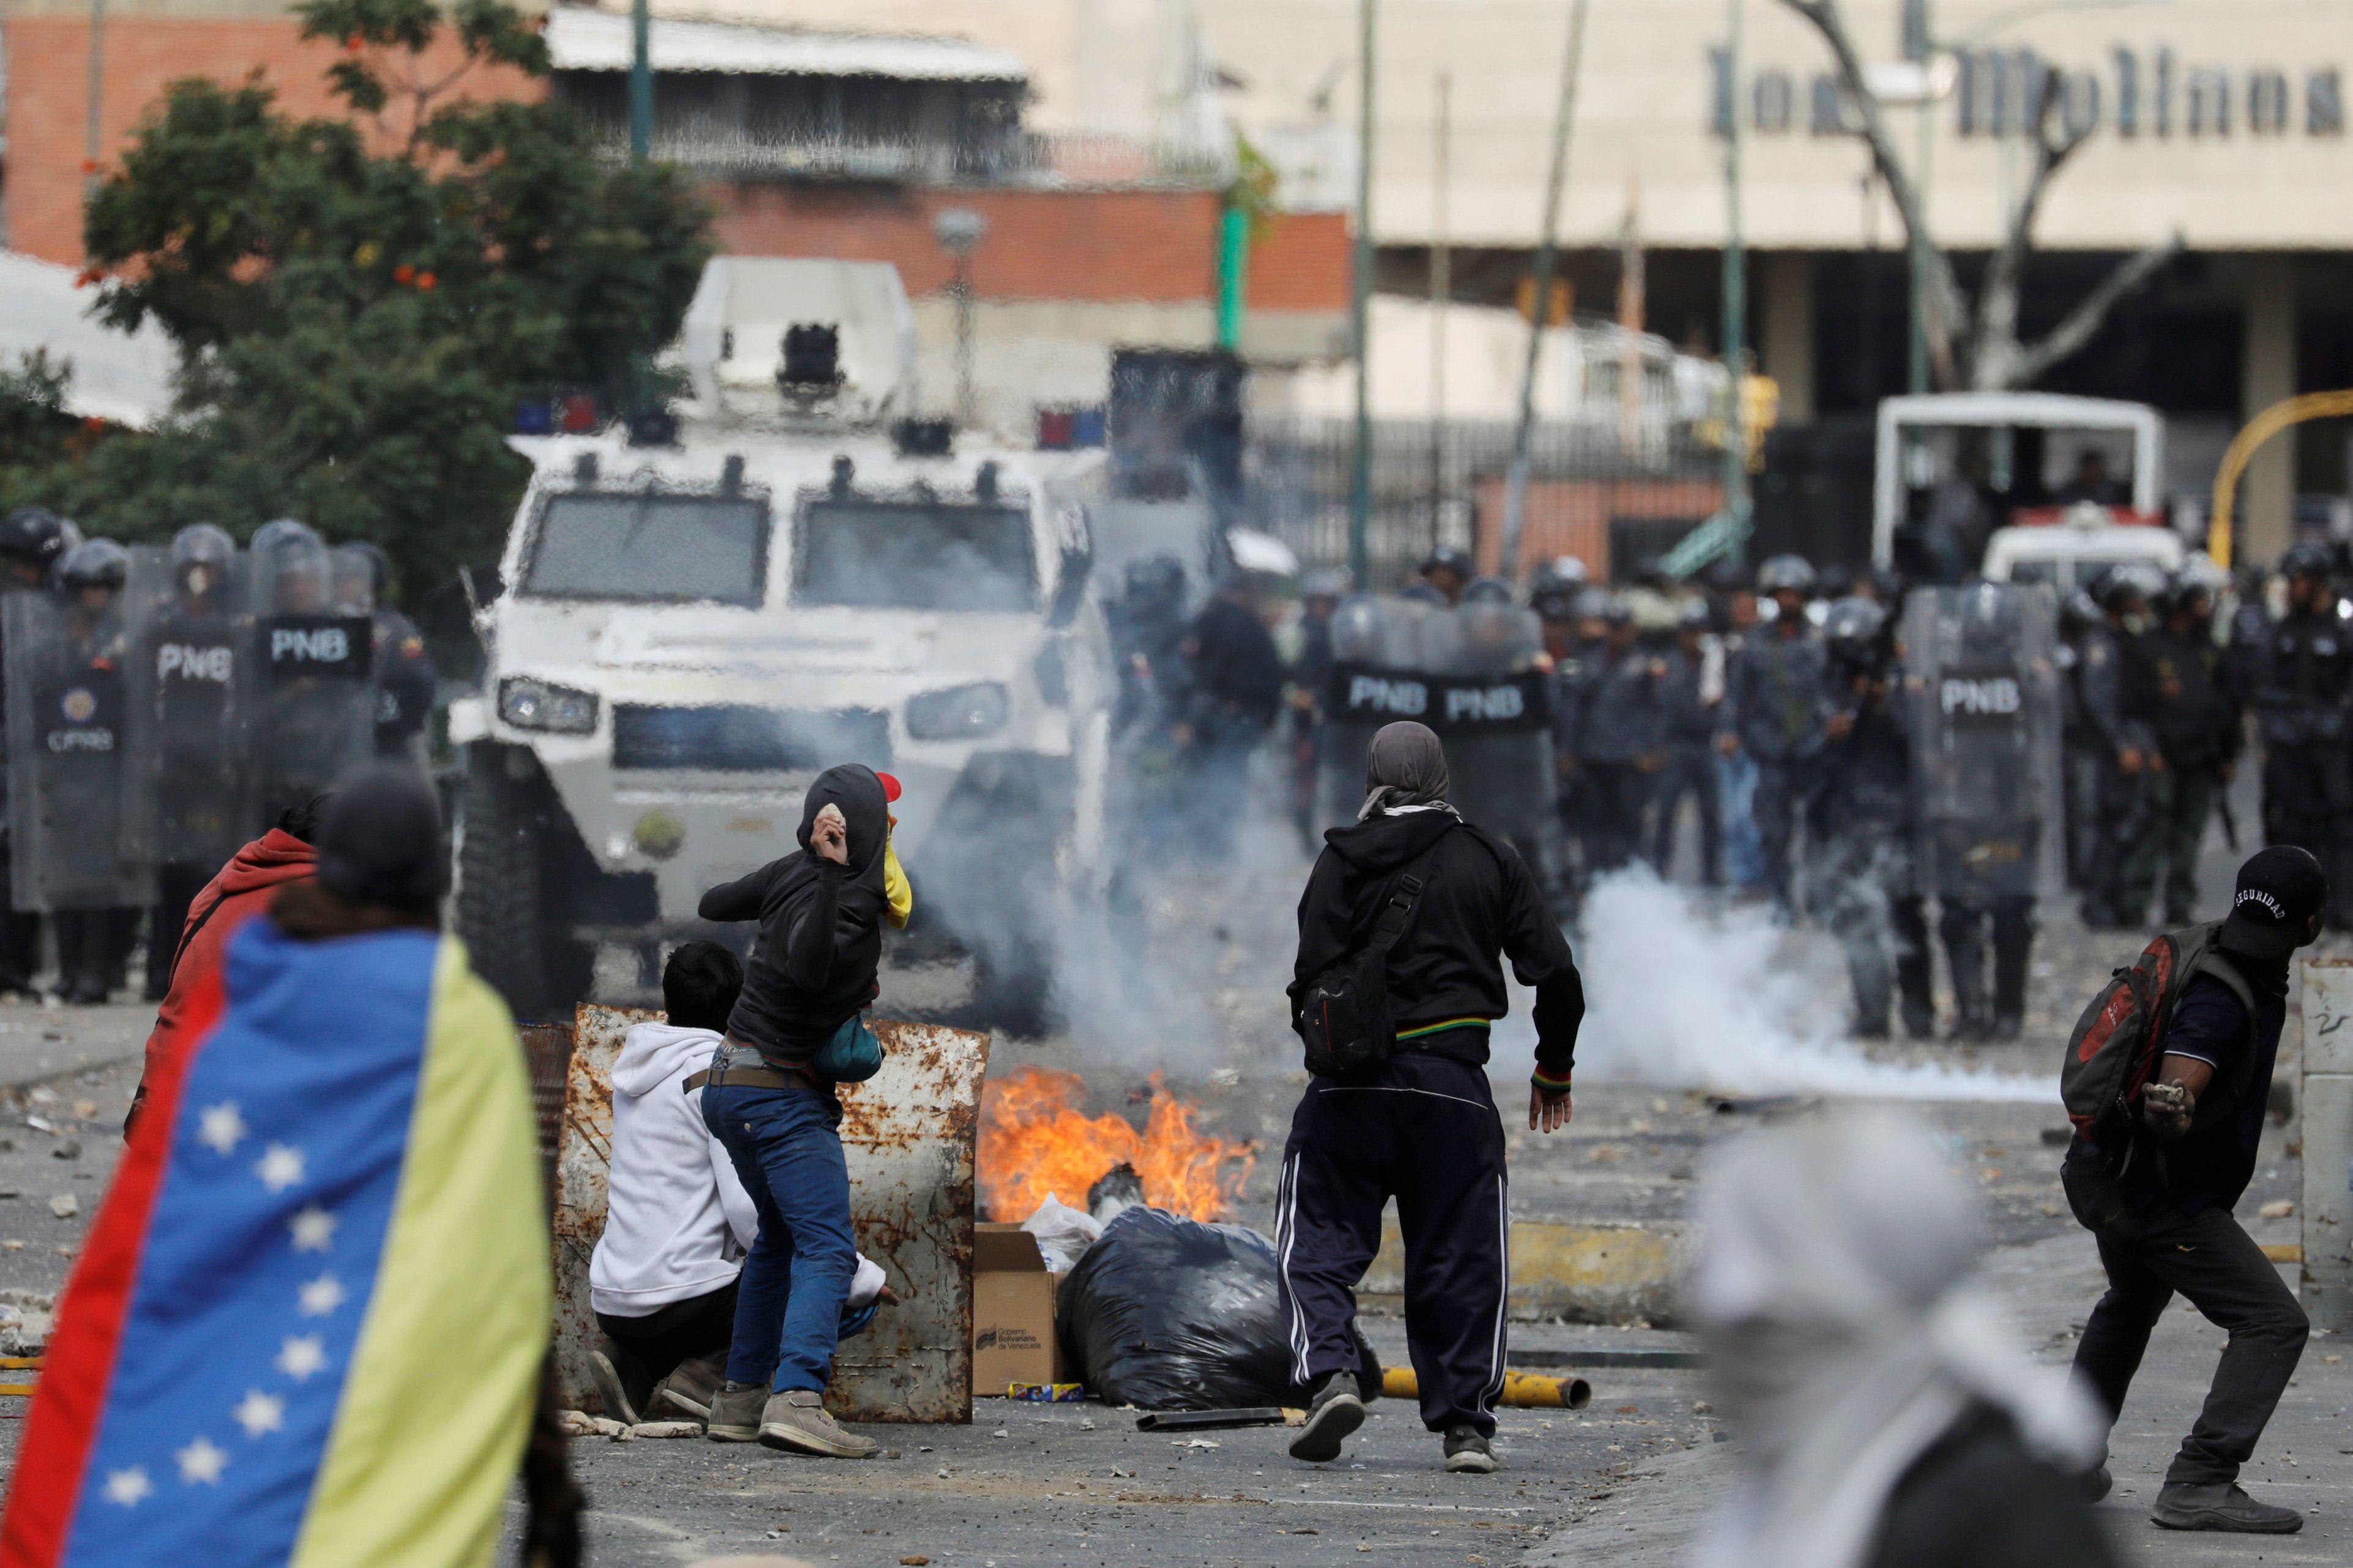 Venezuela On The Brink?